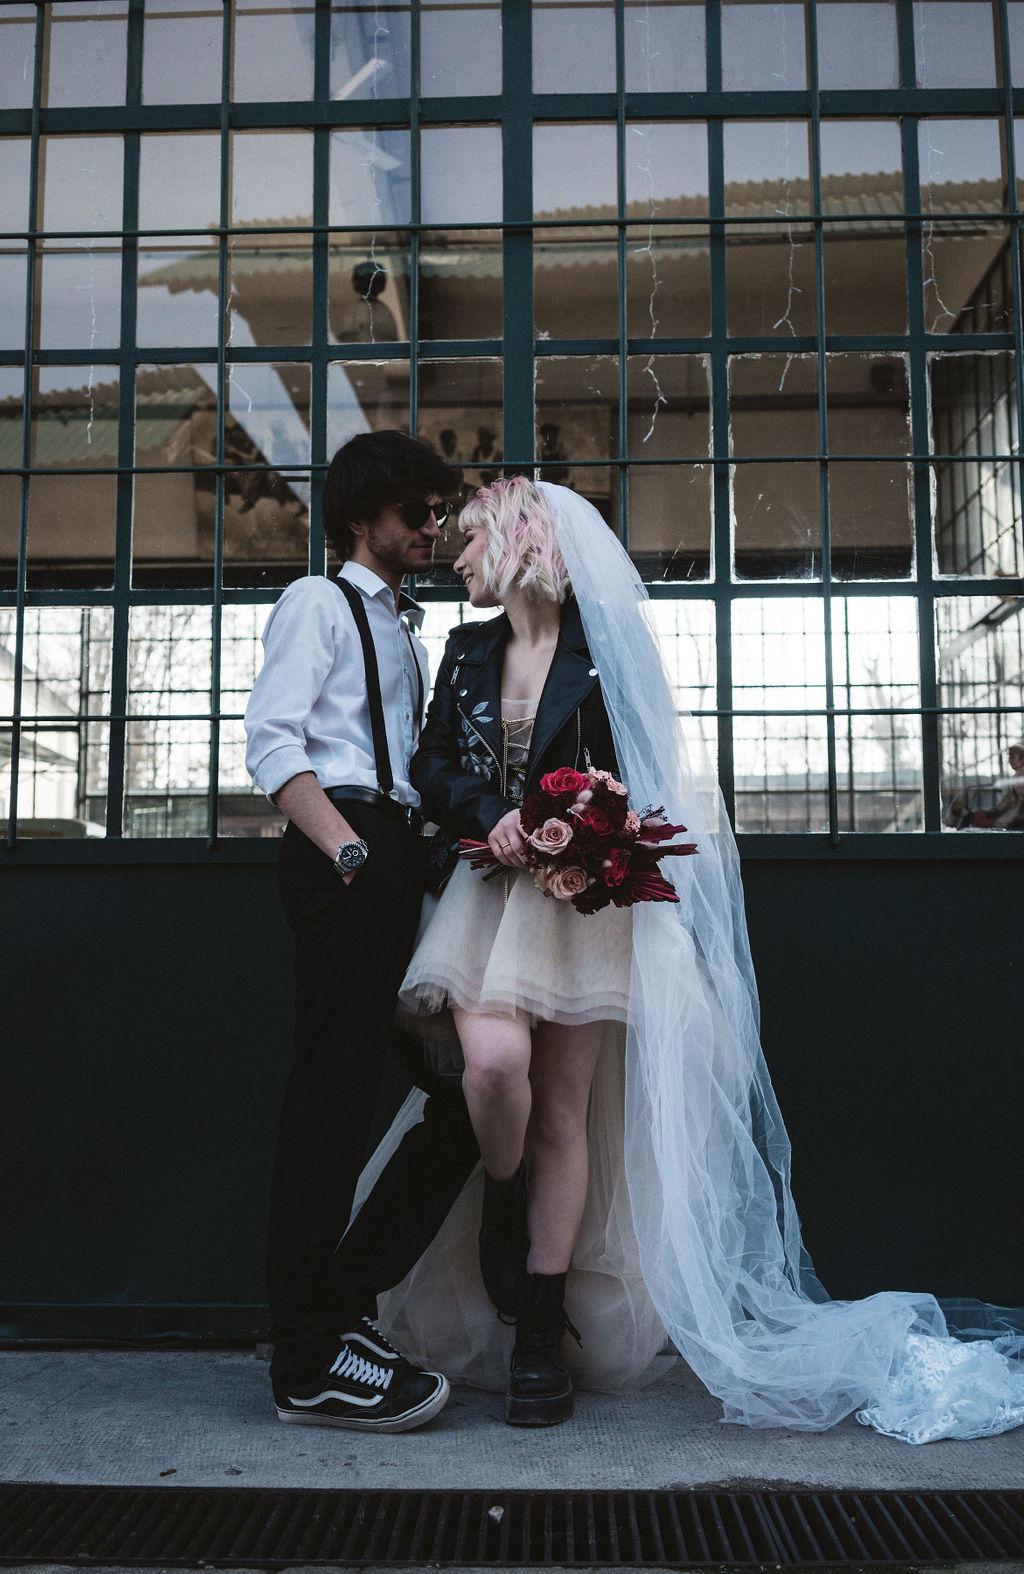 modern industrial wedding - alternative wedding - unconventional wedding - edgy wedding - cool wedding photoshoot - alternative bridal wear